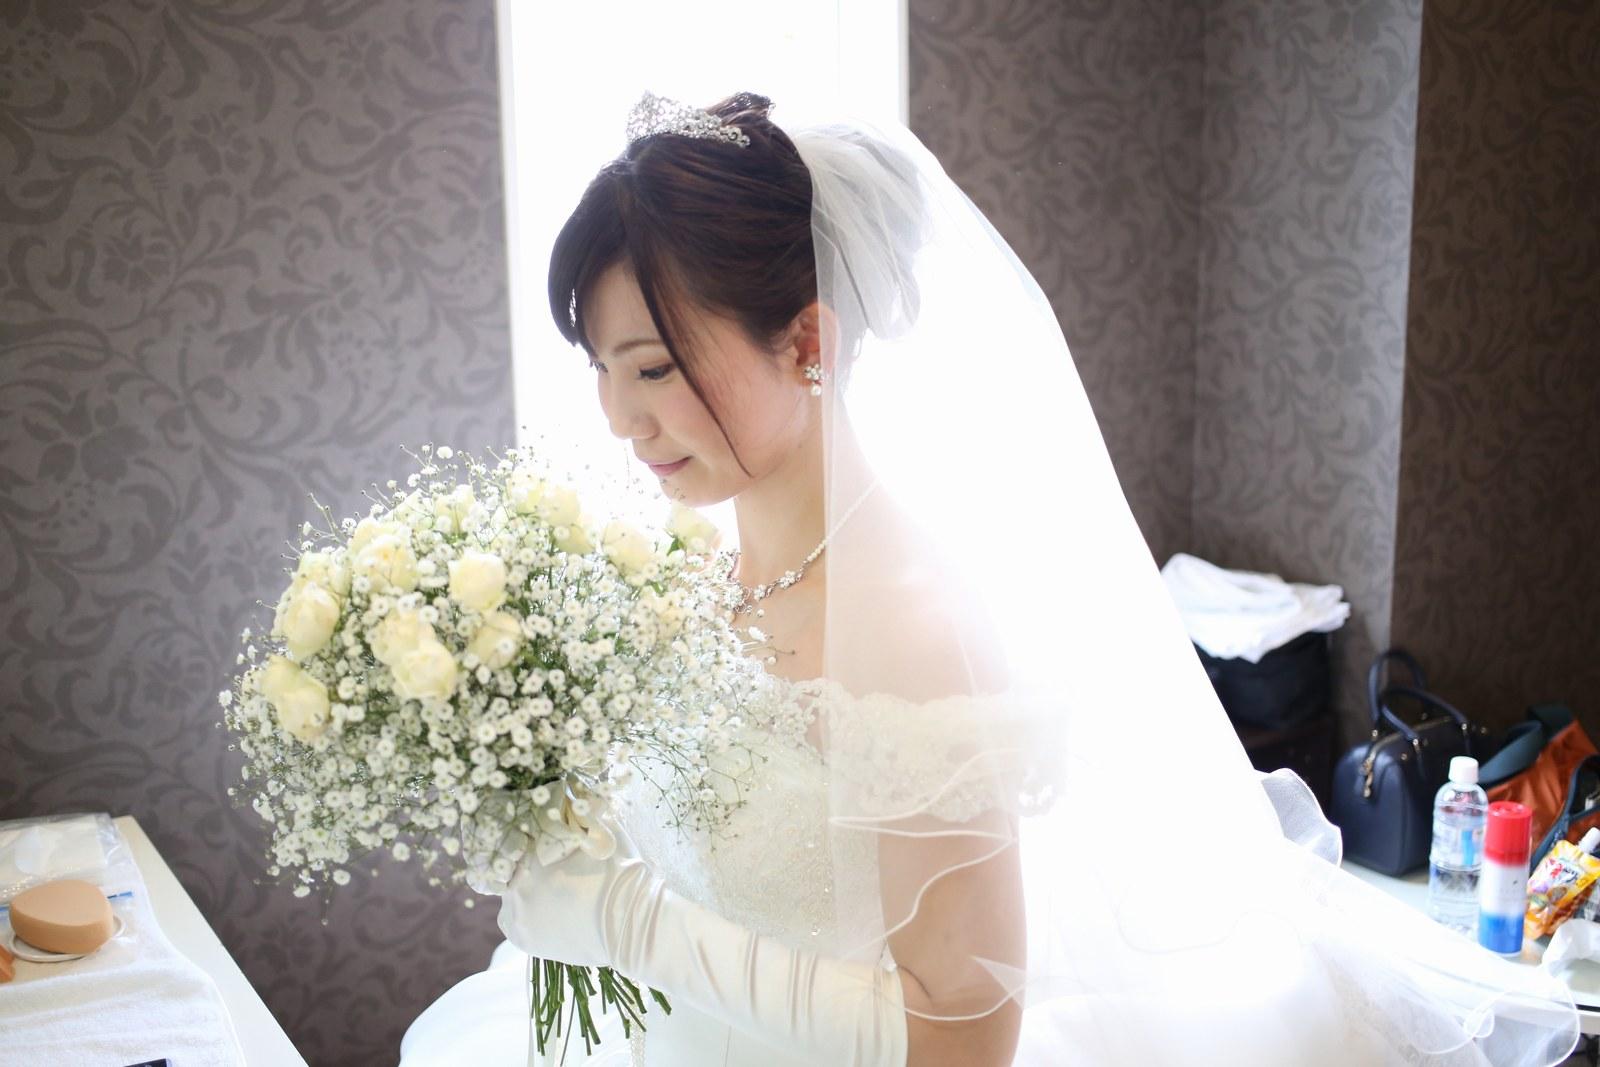 徳島市の結婚式場ブランアンジュでマリエでバラ・かすみ草のブーケを見つめる新婦